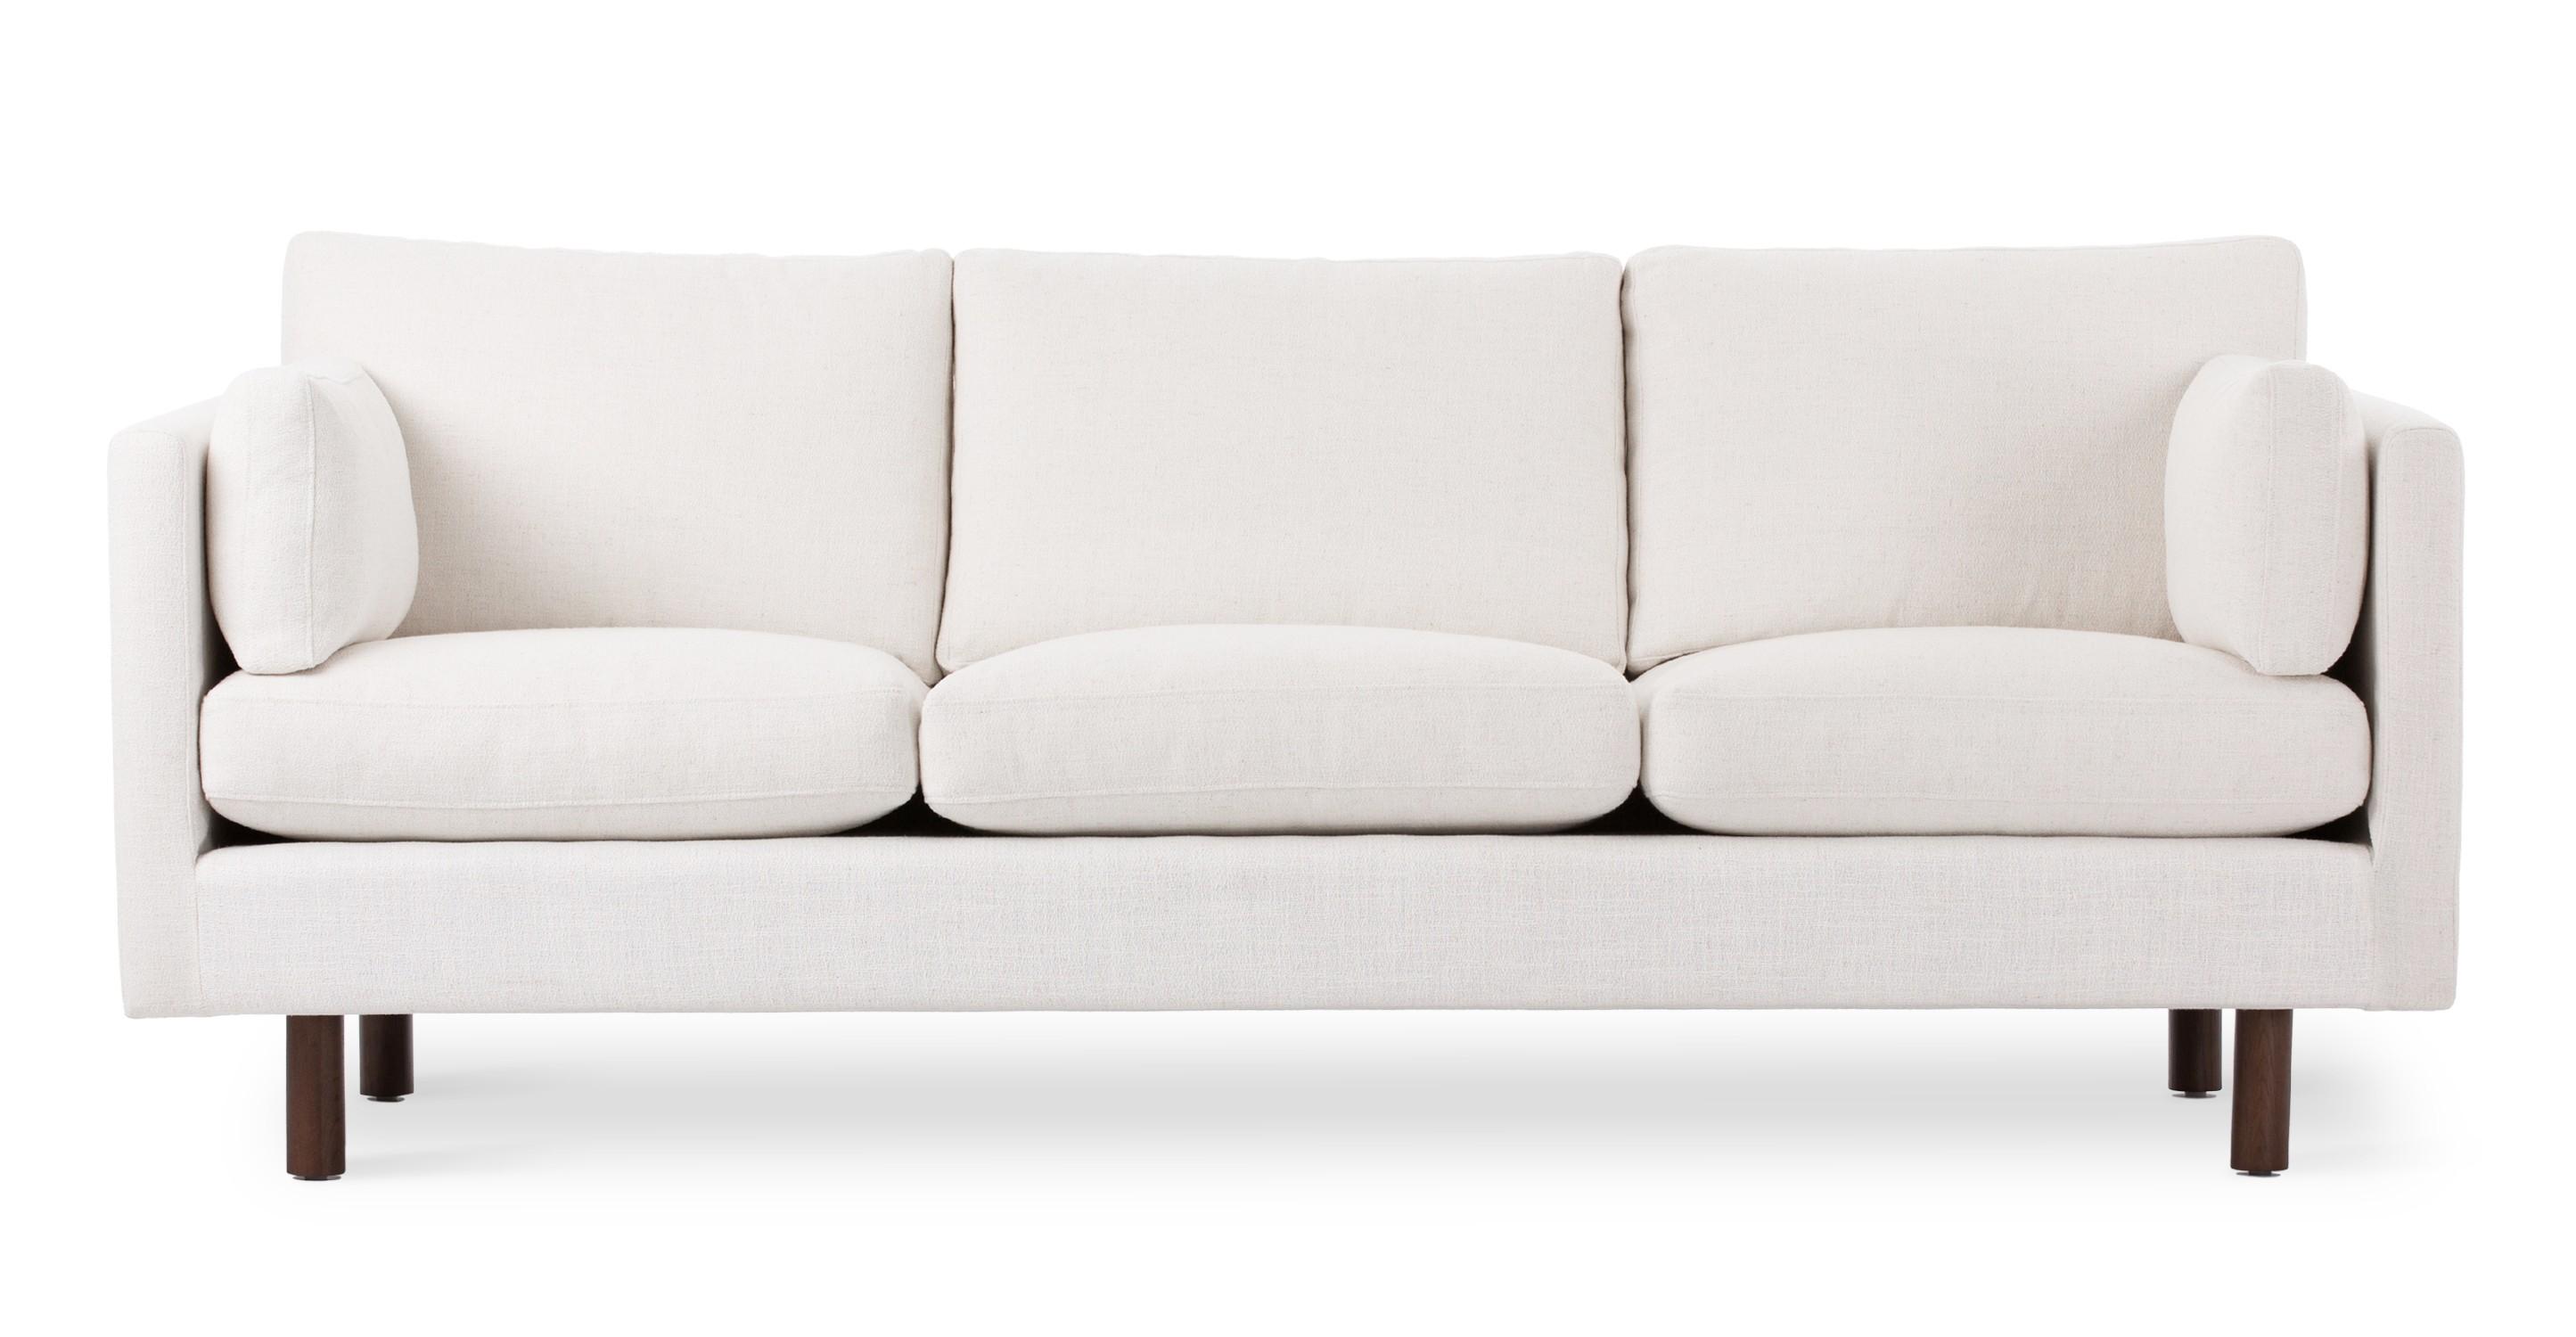 Stylish white sofa sofa modern white decorating ideas leather sectional bed  sleeper czndybj